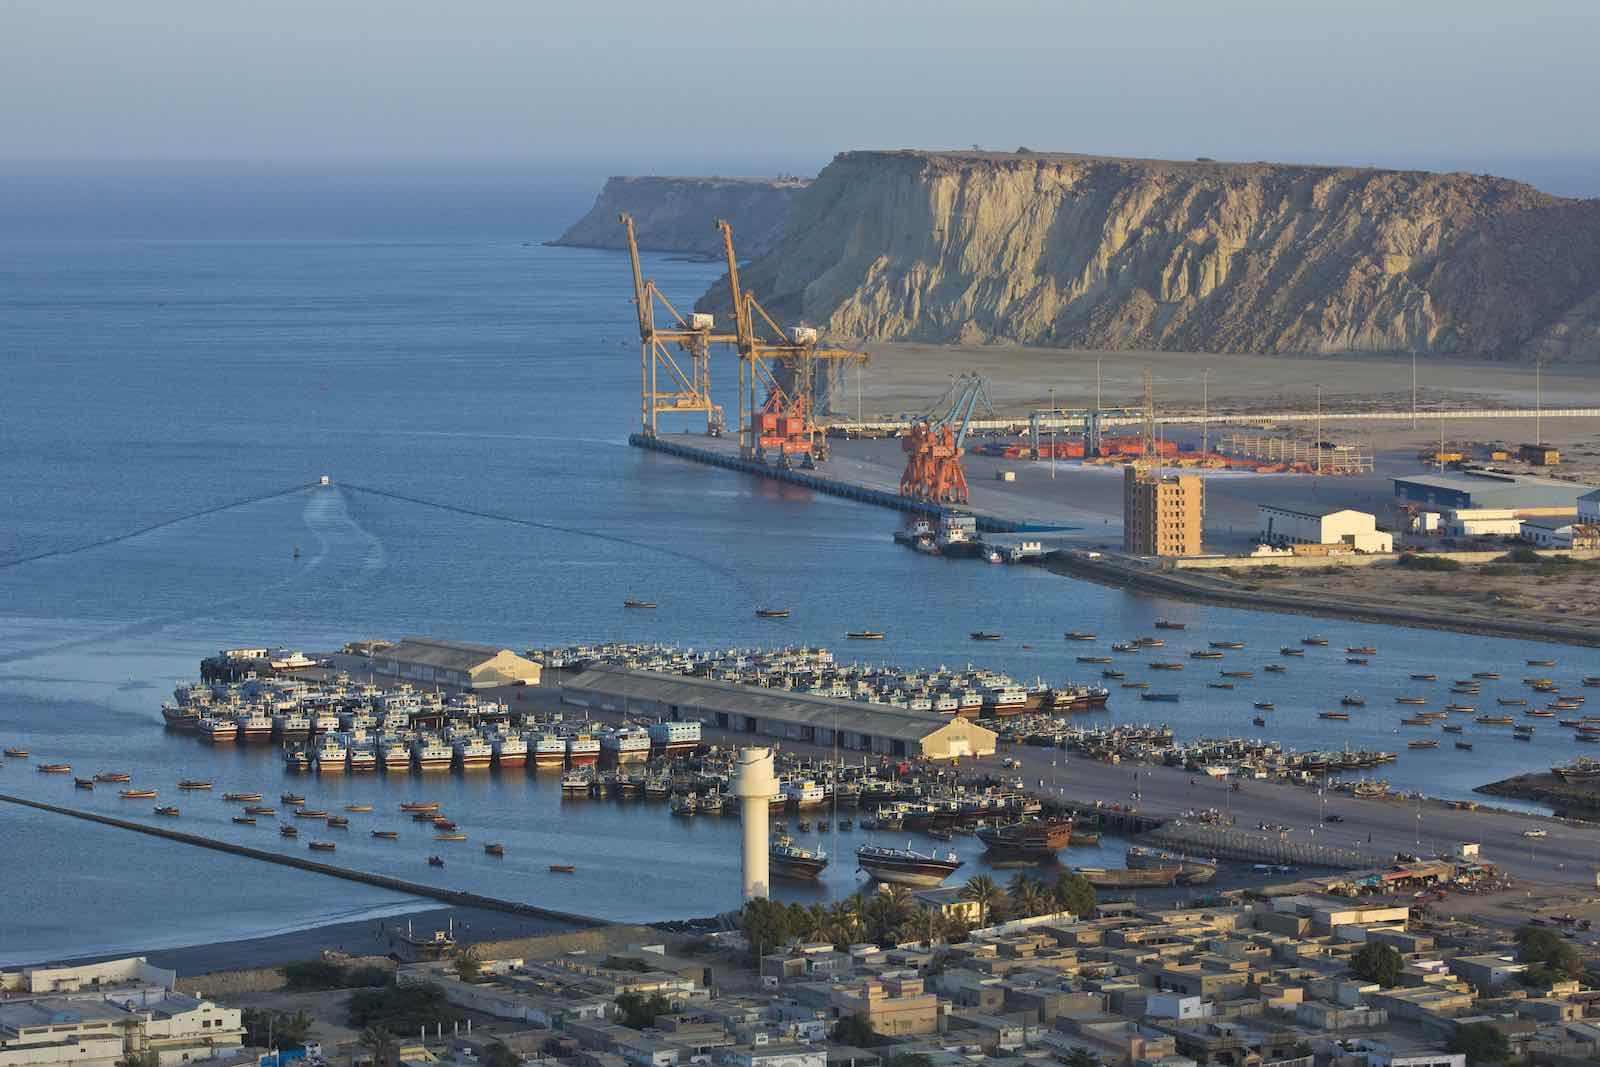 Le port de Gwadar au Pakistan pourrait être utilisé comme base navale de la marine chinoise. (Source : Lowy Institute)